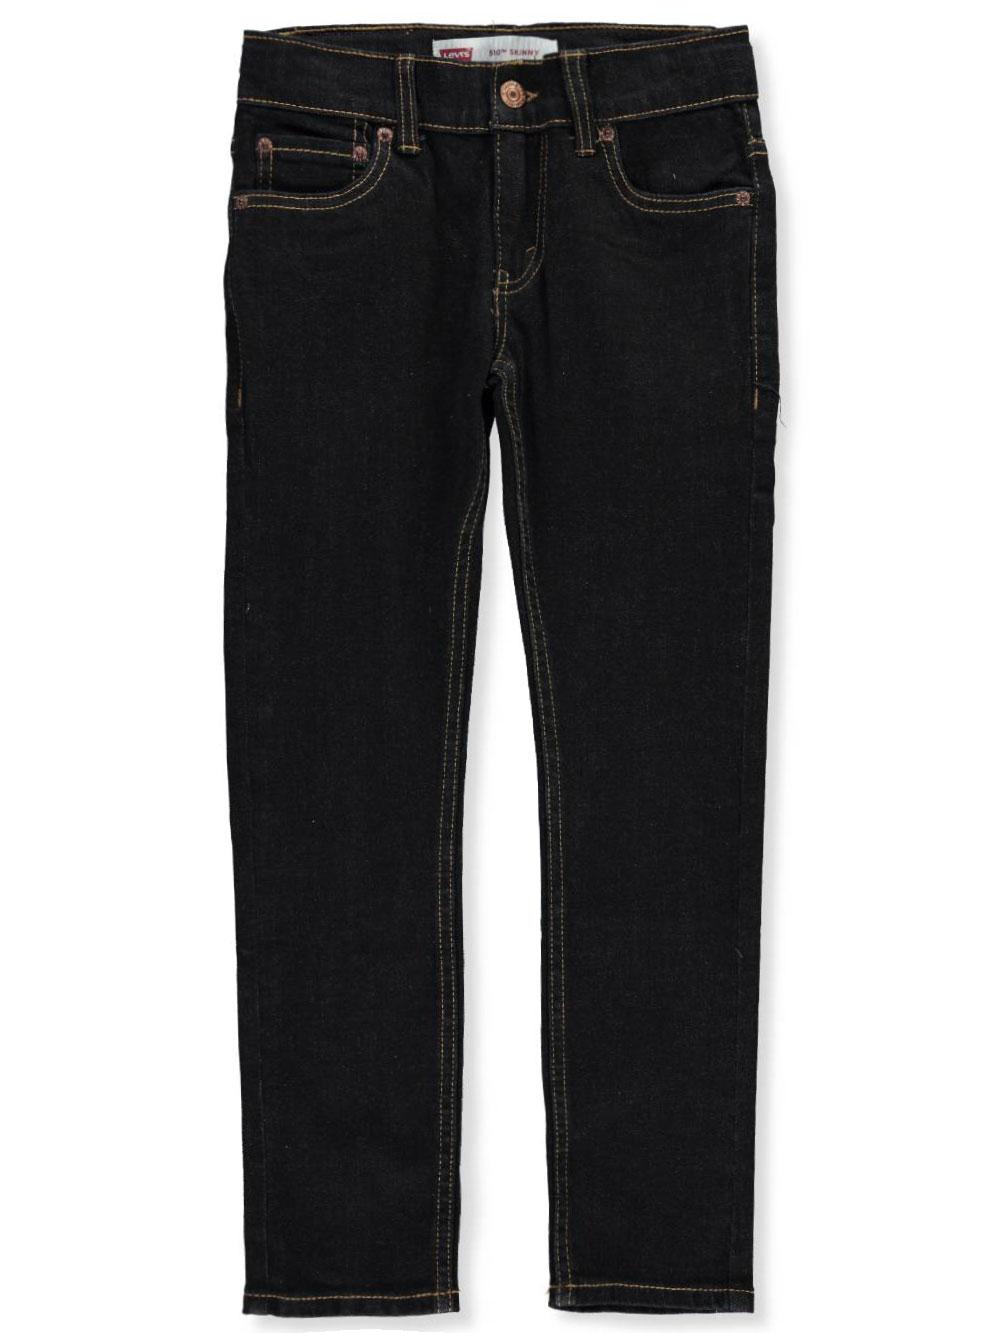 037d6eb58 Levi's Boys' 510 Skinny Jeans